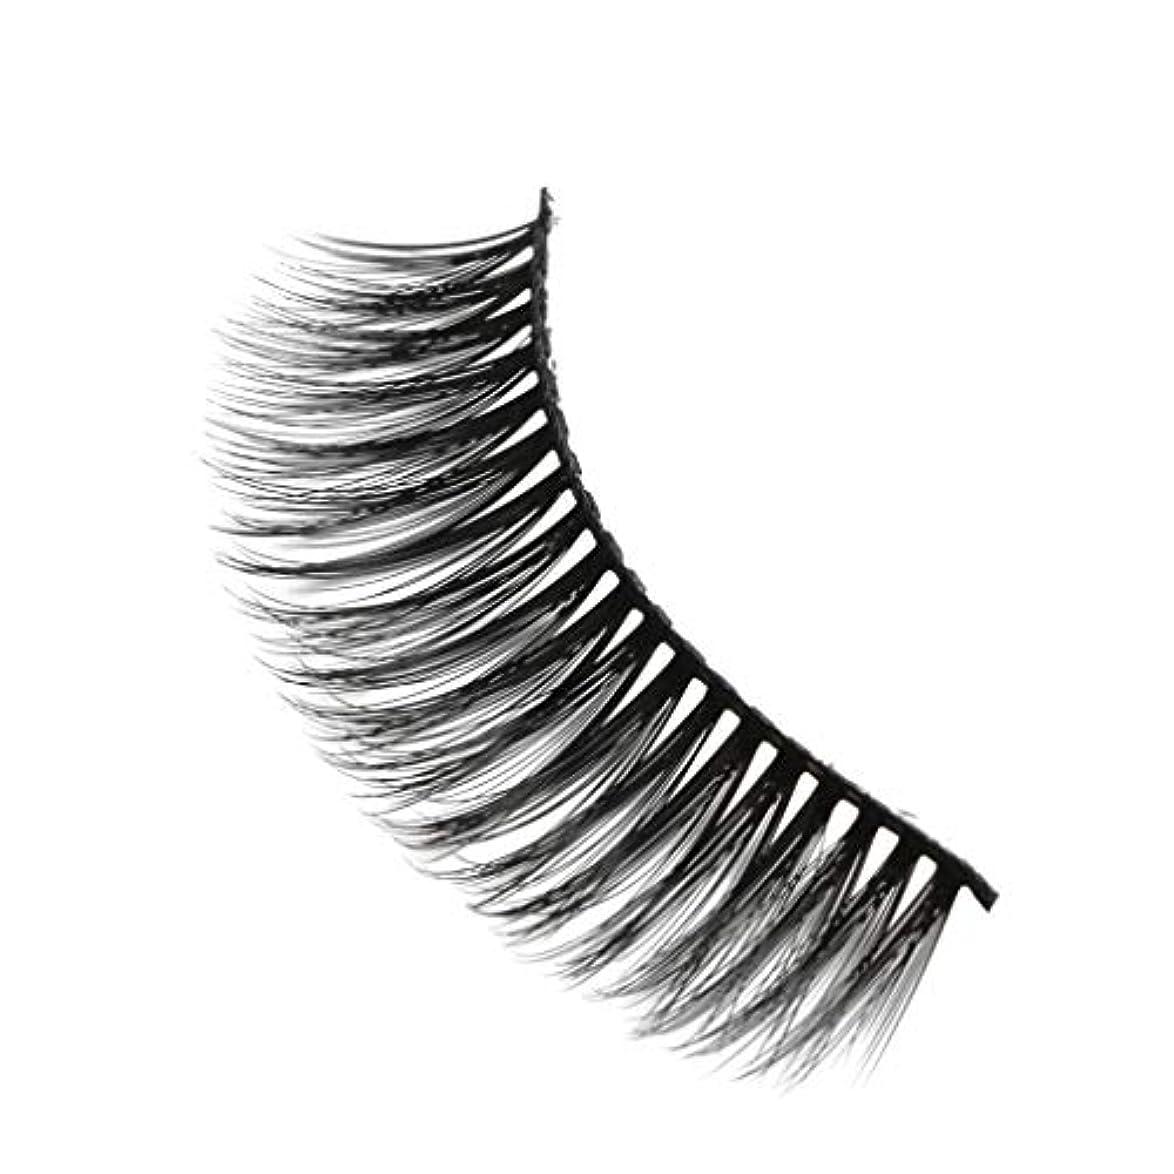 全部乱暴な非効率的な柔らかい長い巻き毛と歪んだ多くの層まつげと3Dミンクの毛皮の10ペア